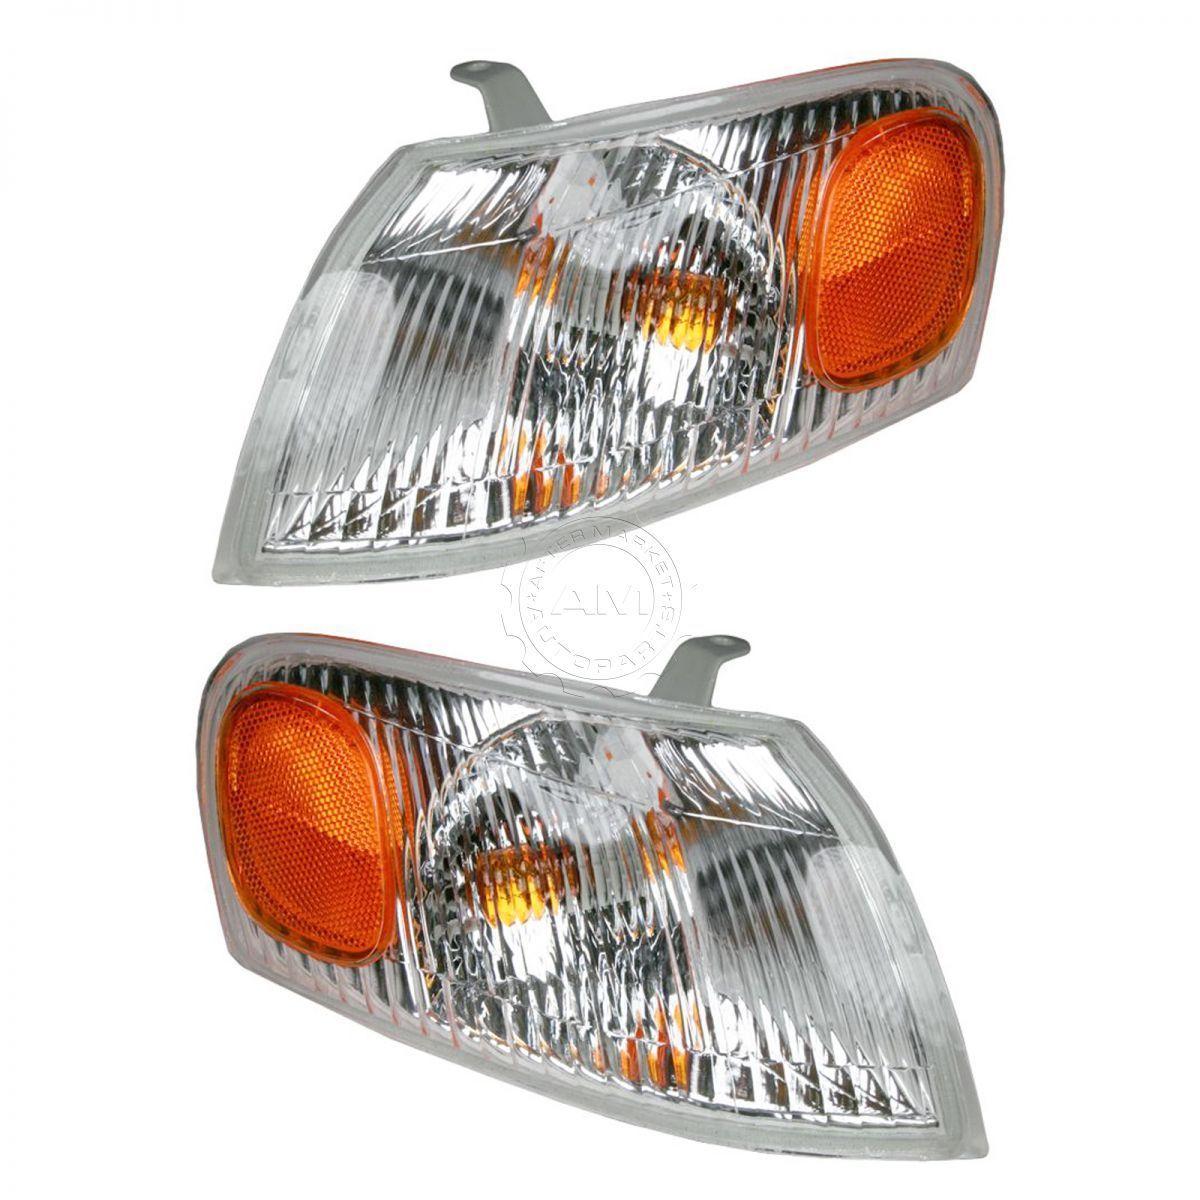 コーナーライト Corner Parking Side Marker Turn Signal Lights Pair Set for 98-00 Toyota Corolla コーナーパーキングサイドマーカーターンシグナルライトペア98-00用トヨタカローラ